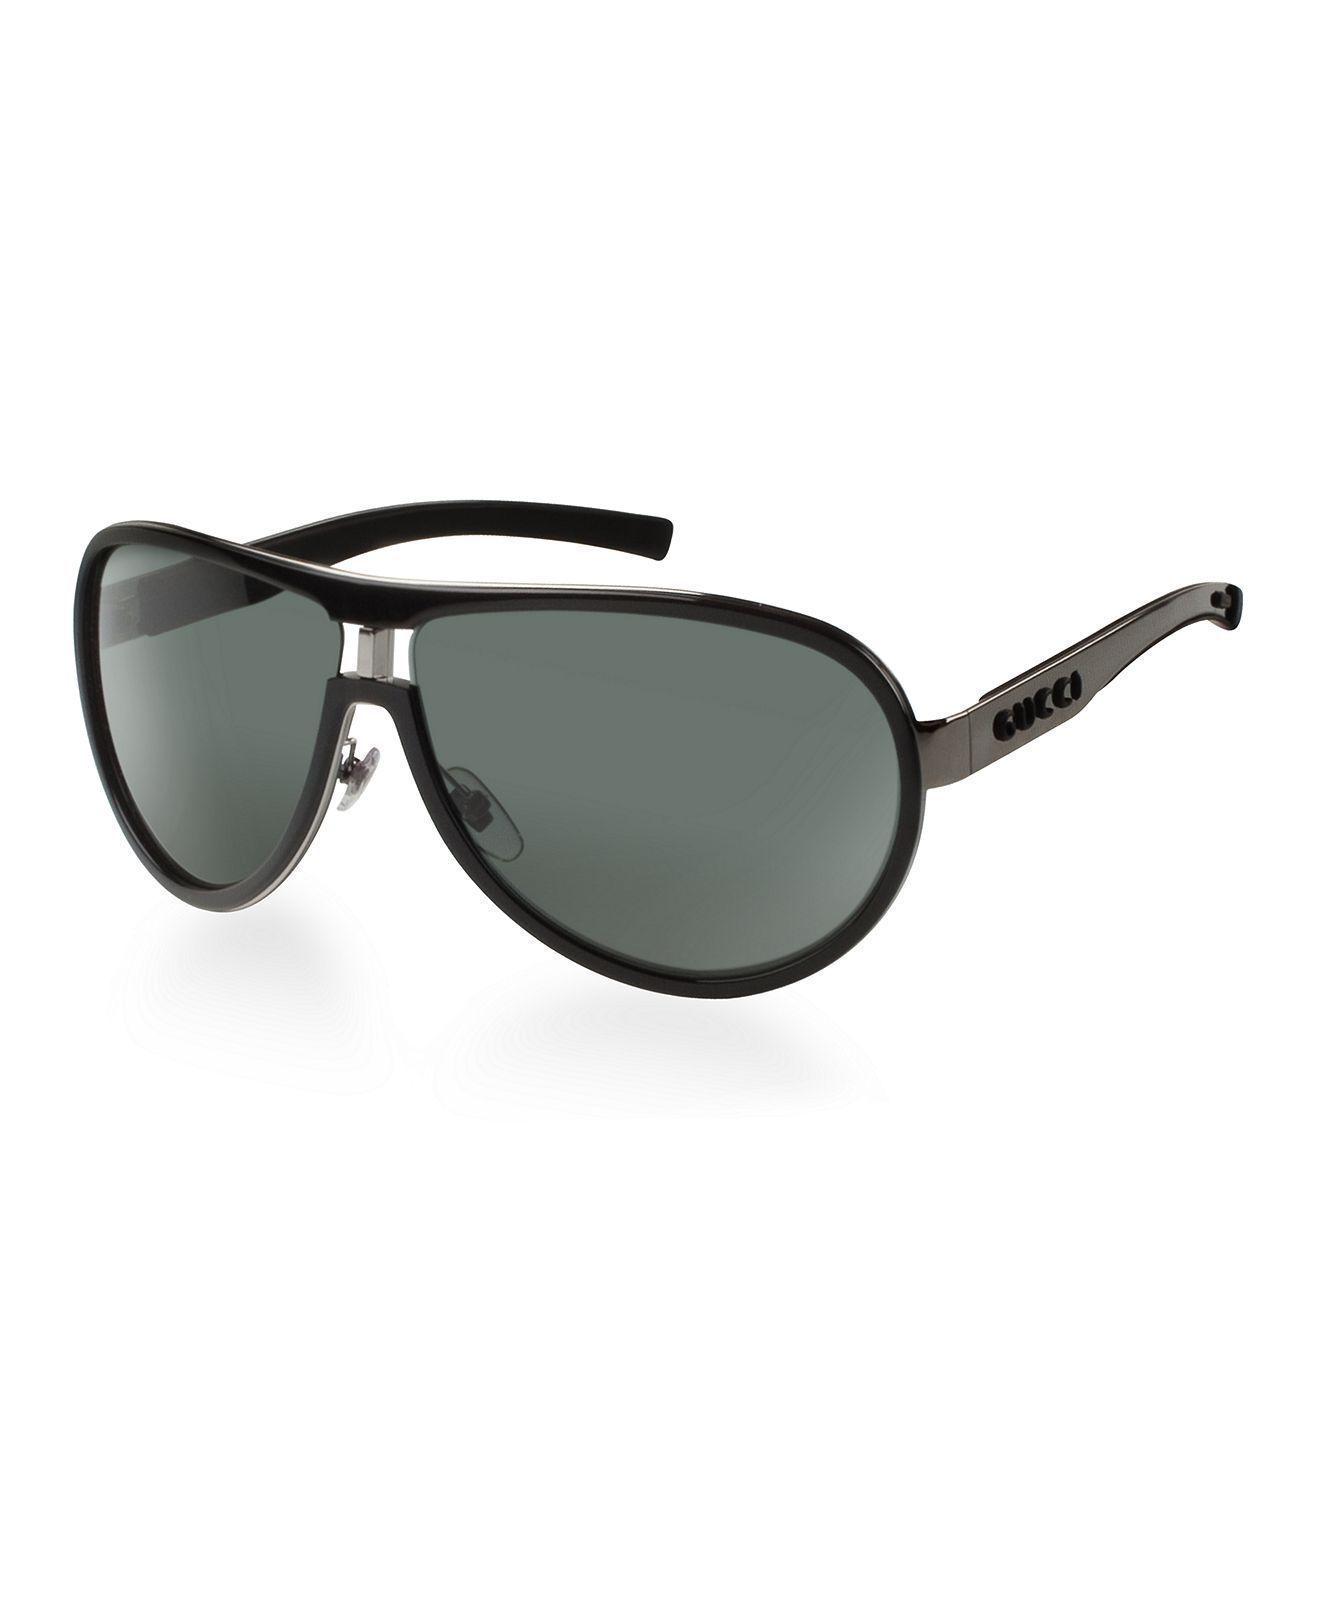 b663181298b Gucci Sunglasses